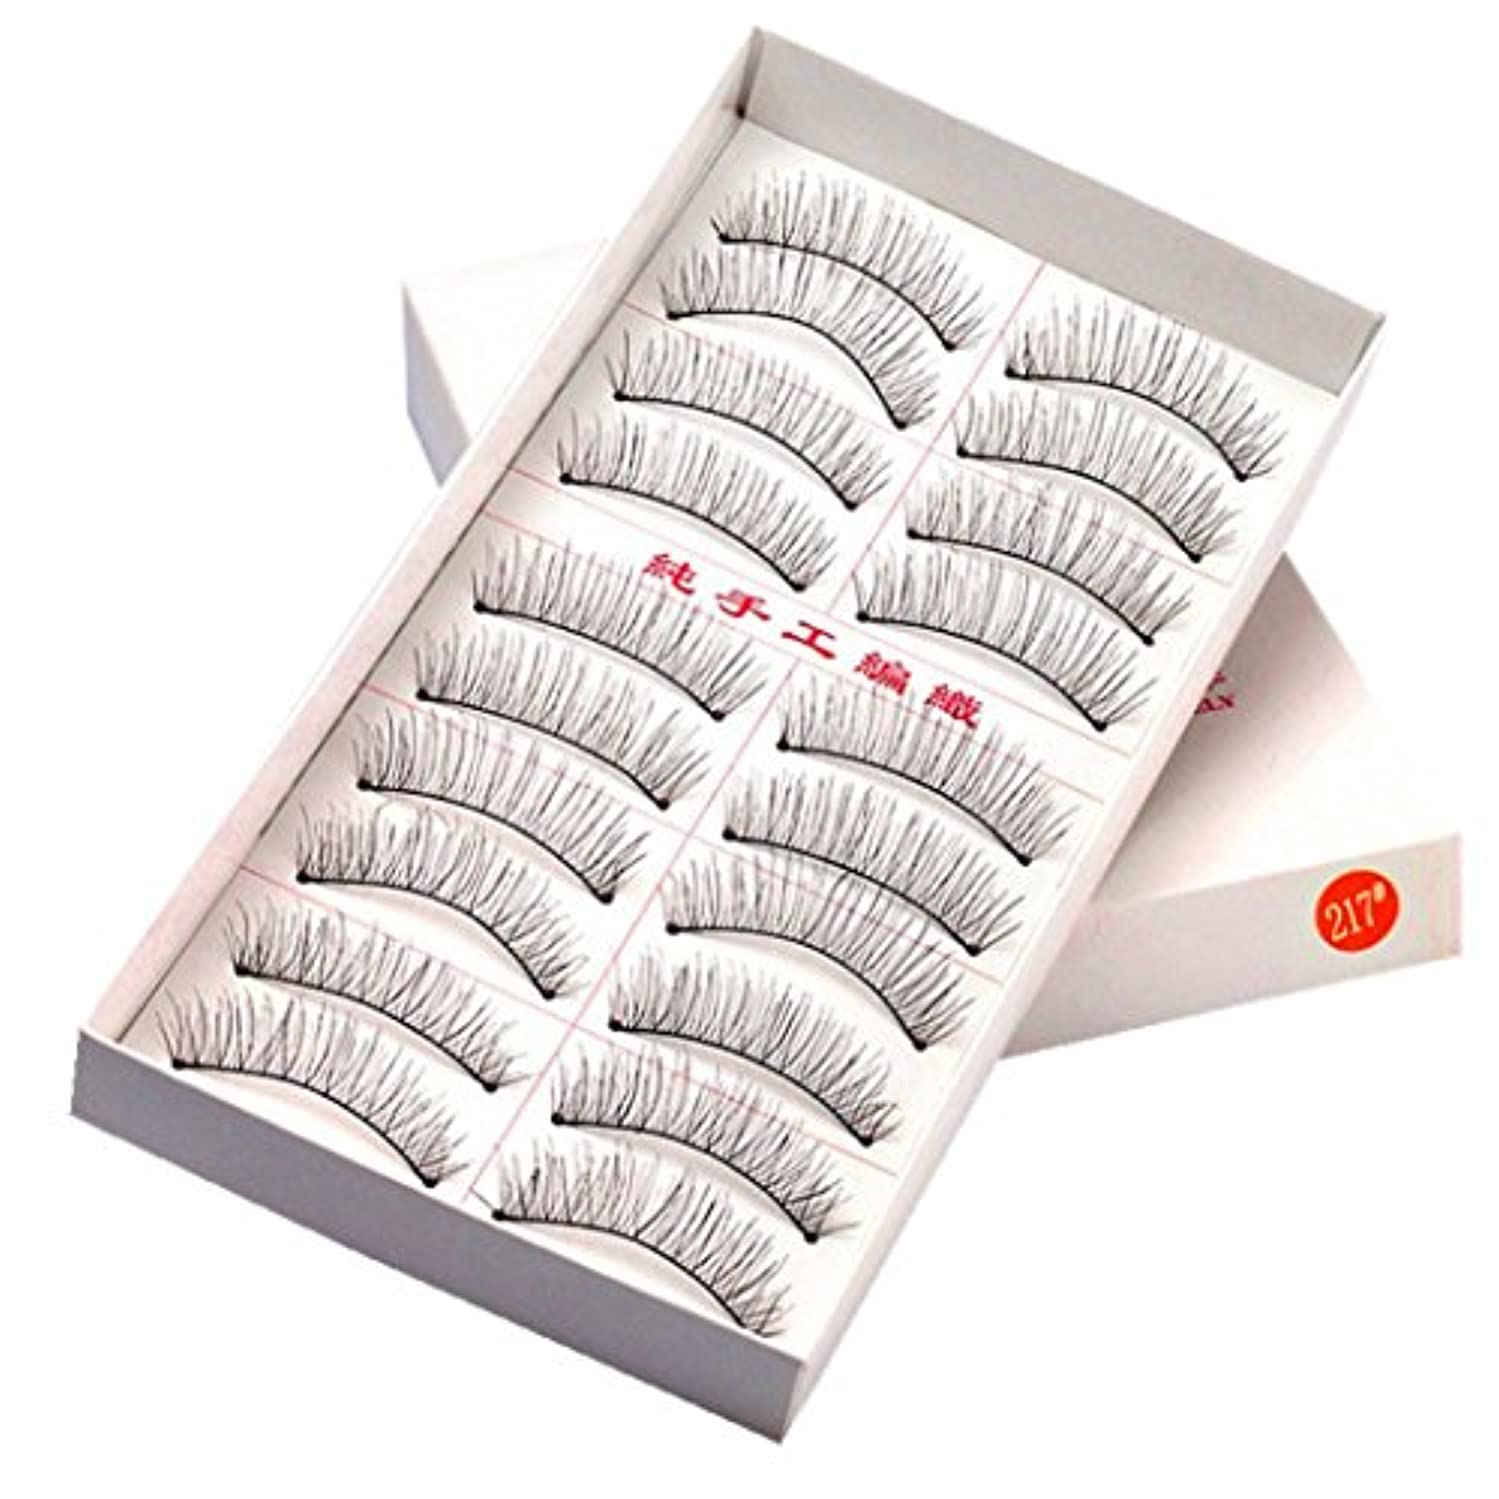 溢れんばかりのそばに幻影Feteso 10ペアセット つけまつげ 上まつげ Eyelashes アイラッシュ ビューティー まつげエクステ レディース 化粧ツール アイメイクアップ 人気 ナチュラル 飾り ふんわり 装着簡単 綺麗 変身